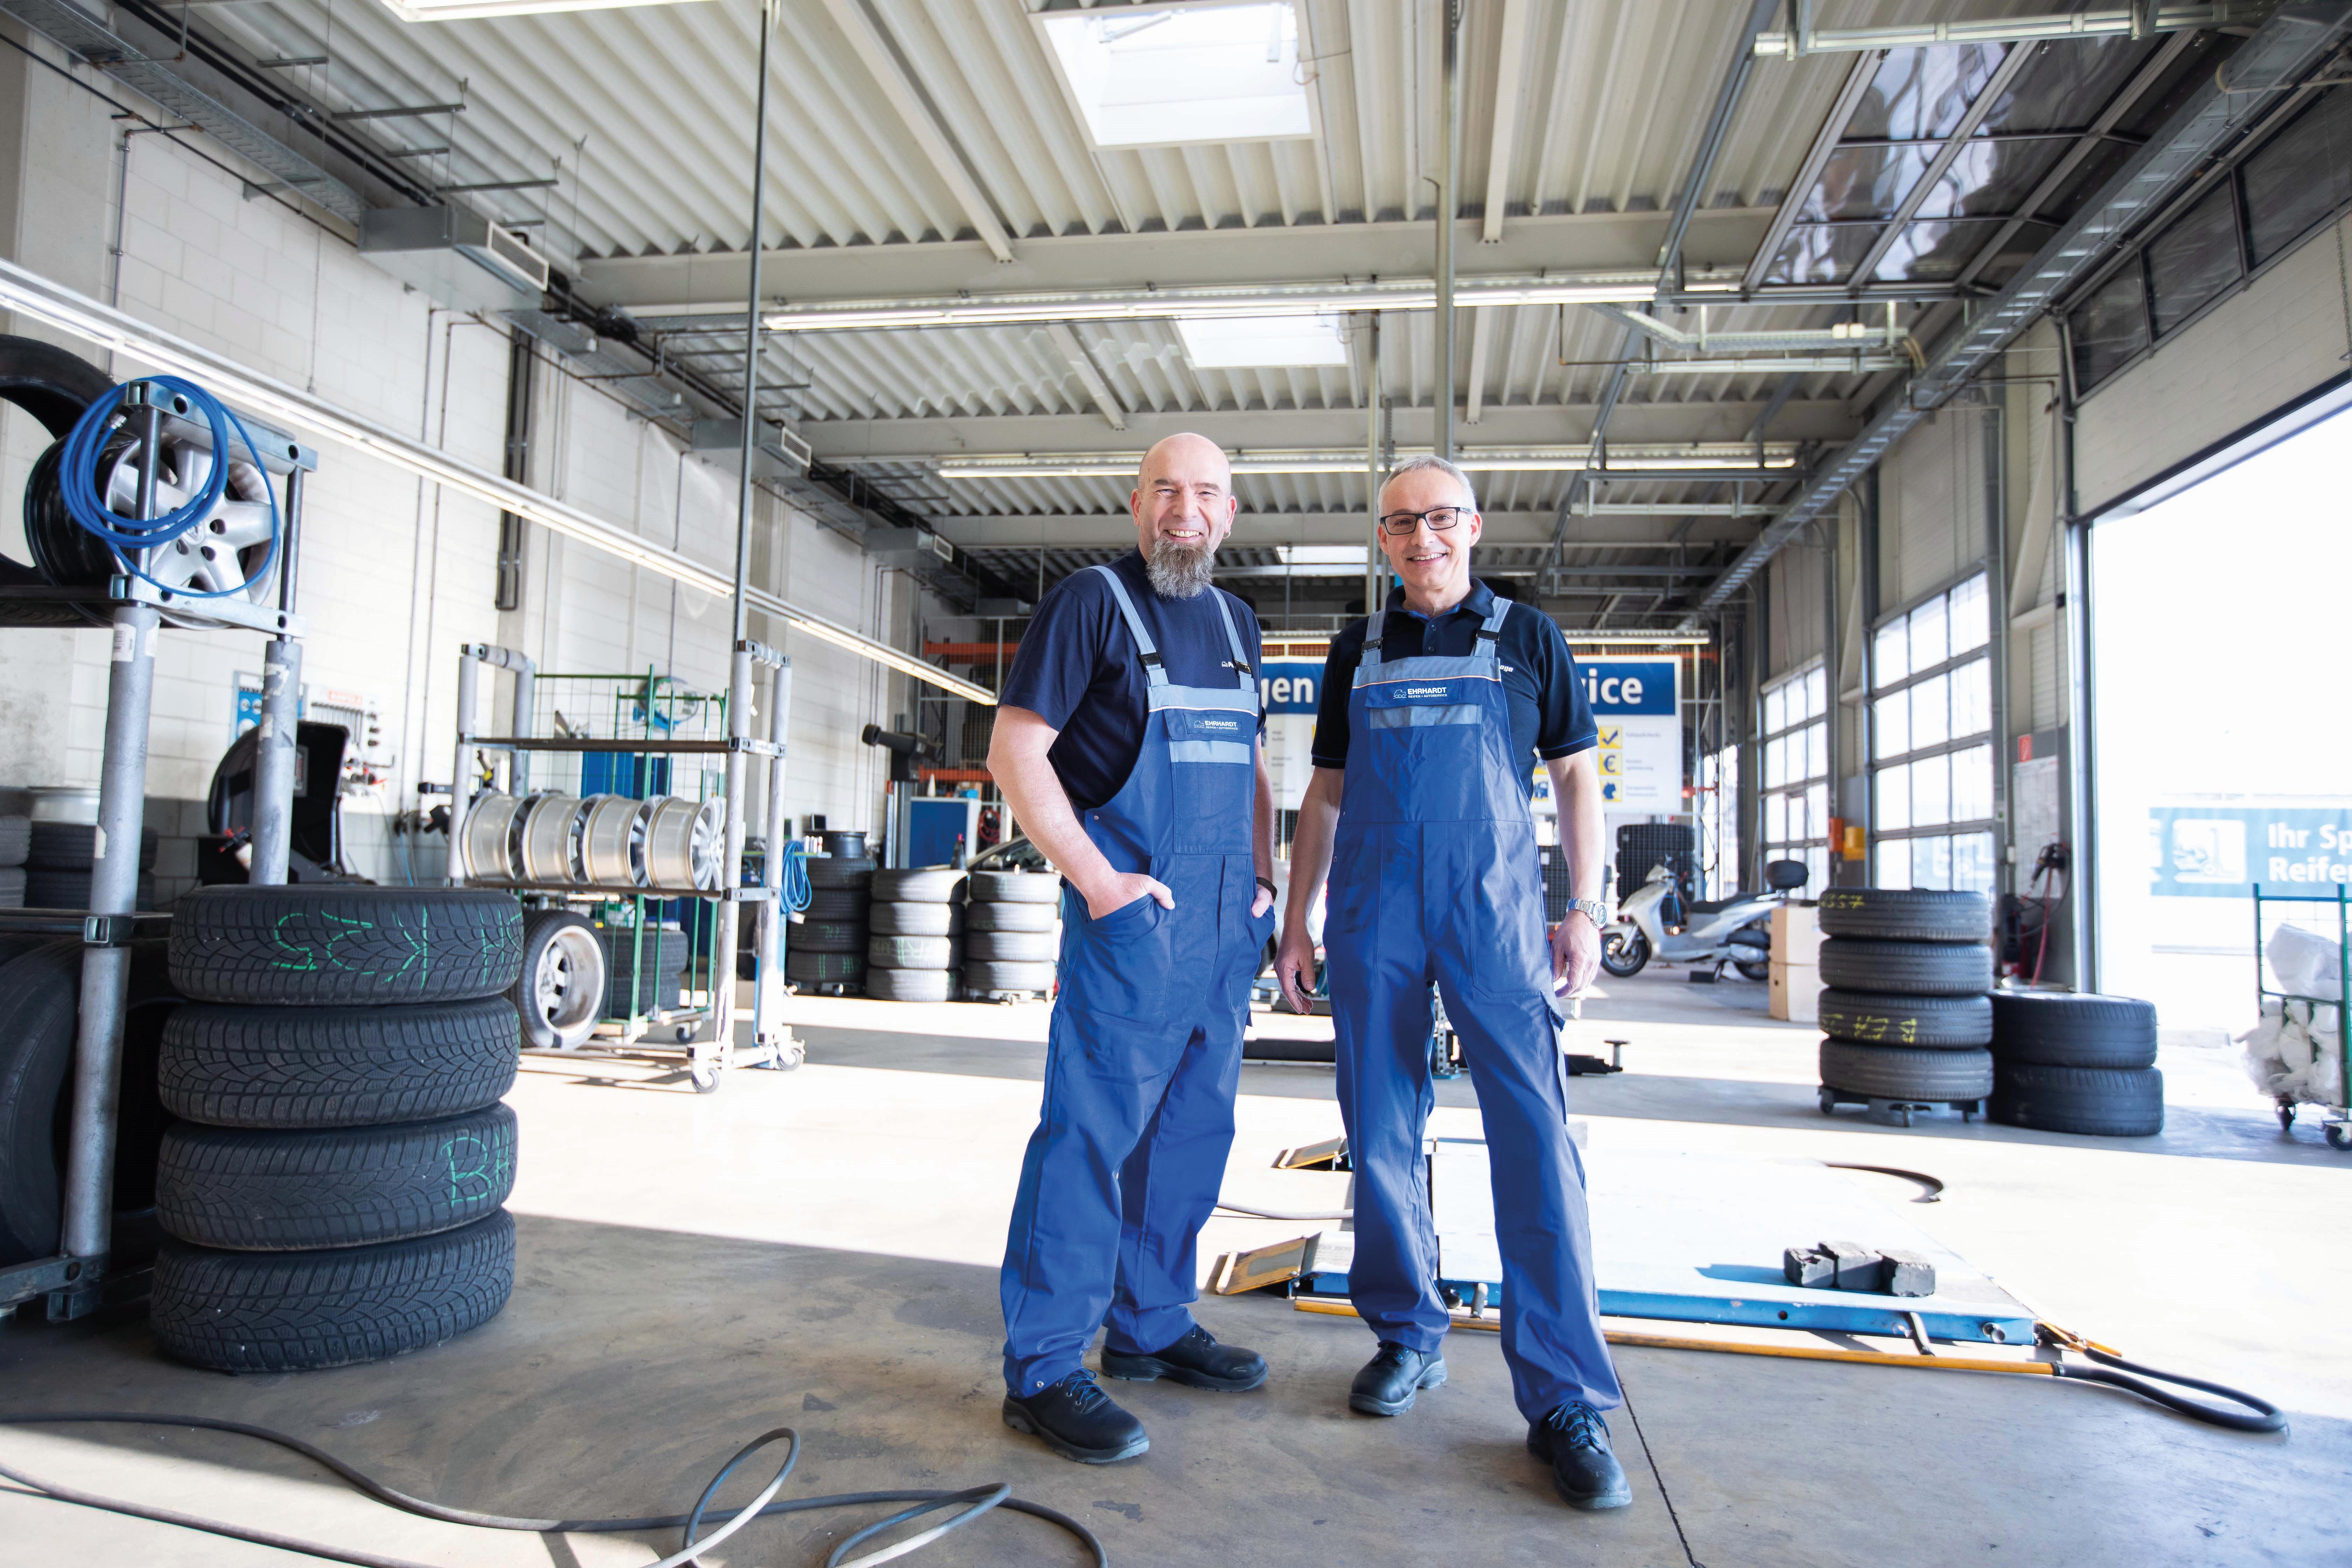 Kfz-Mechaniker (m/w/d) oder Reifenmonteur mit Schwerpunkt mobilem Service (m/w/d) für unsere Filiale in Göttingen